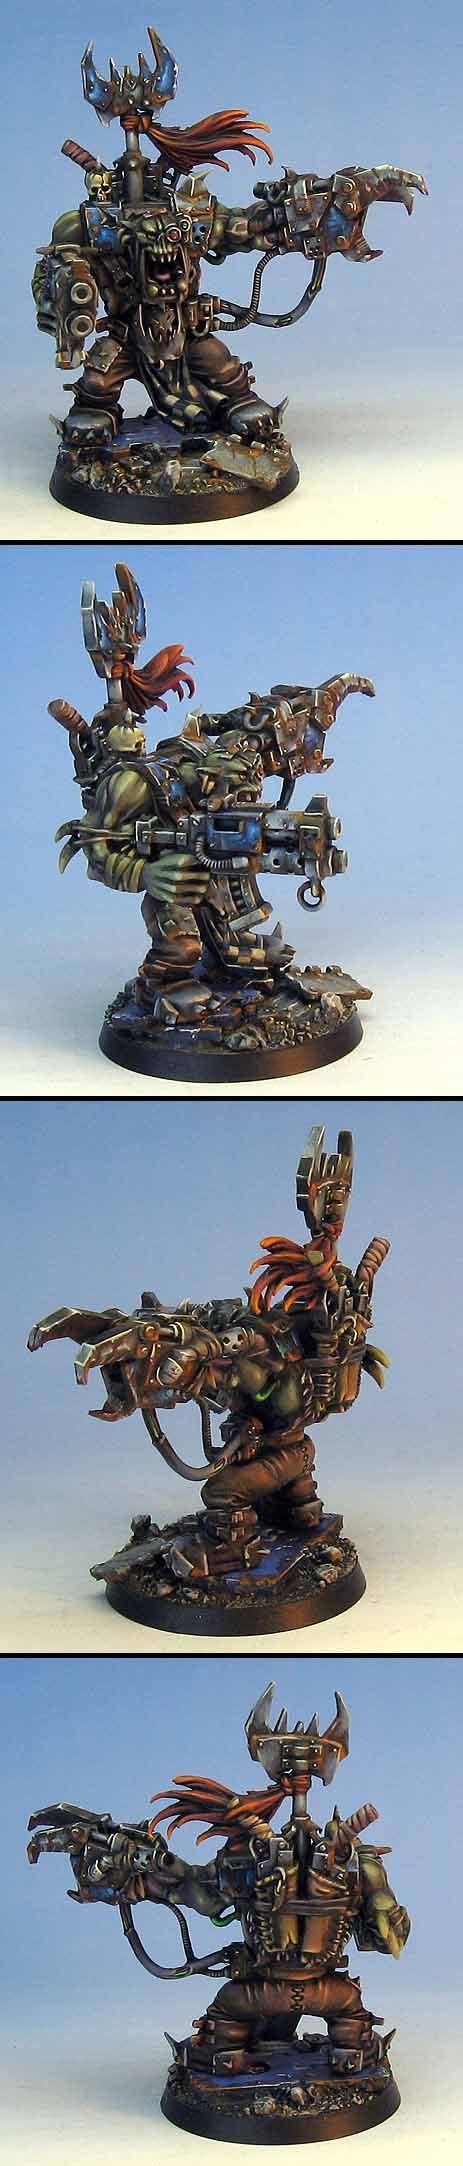 Warhammer 40k ork warboss